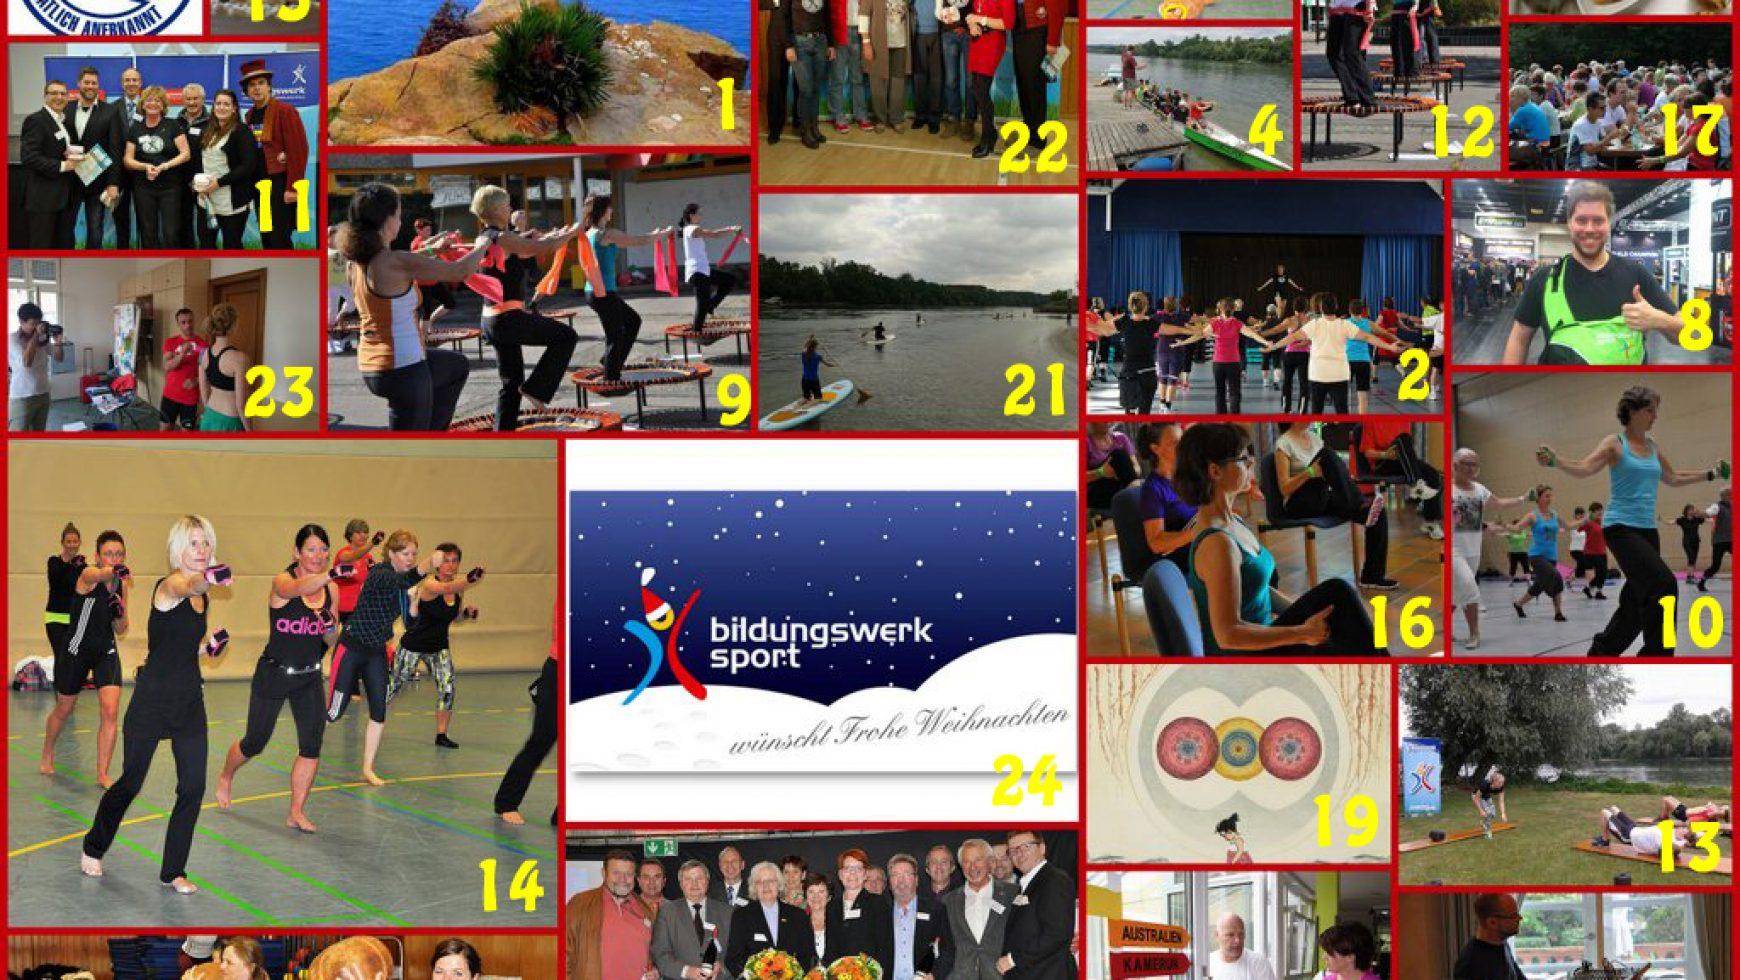 Adventskalenderzeit beim Bildungswerk des LSB Rheinland-Pfalz